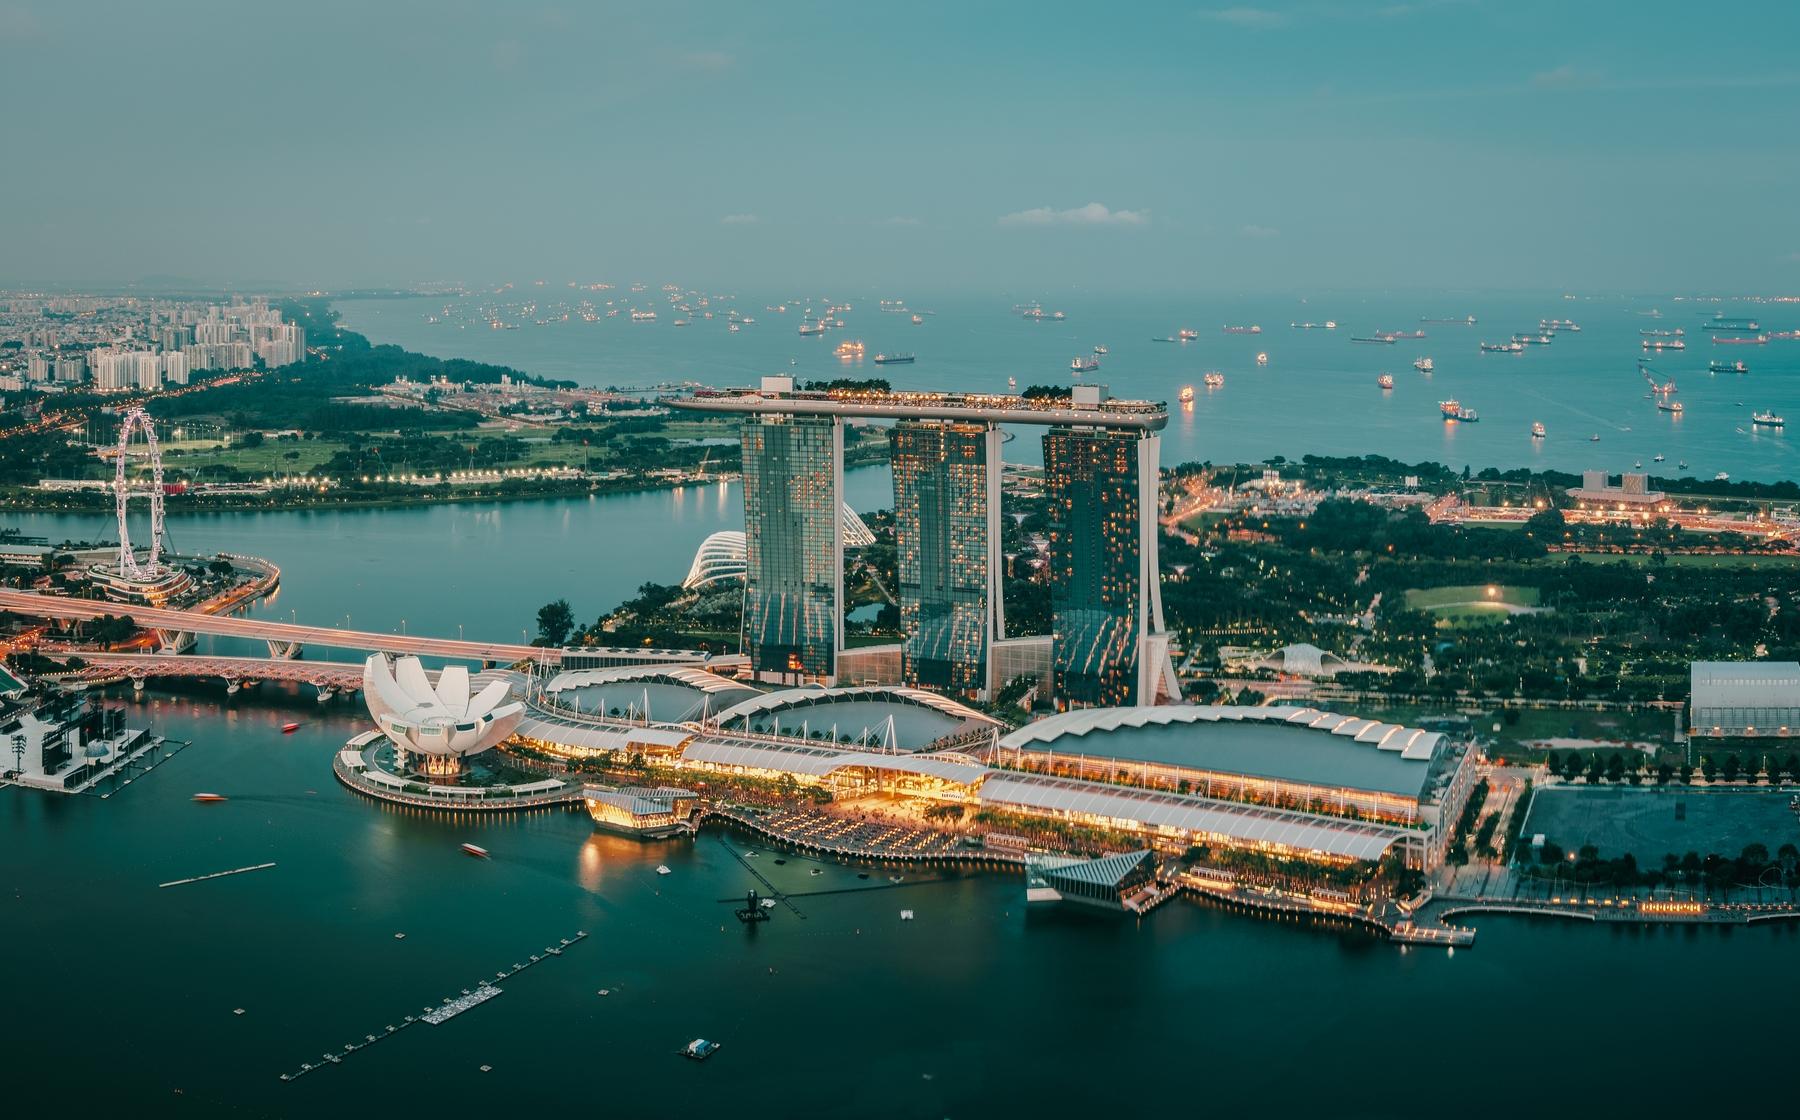 City skyline of Singapore at dusk